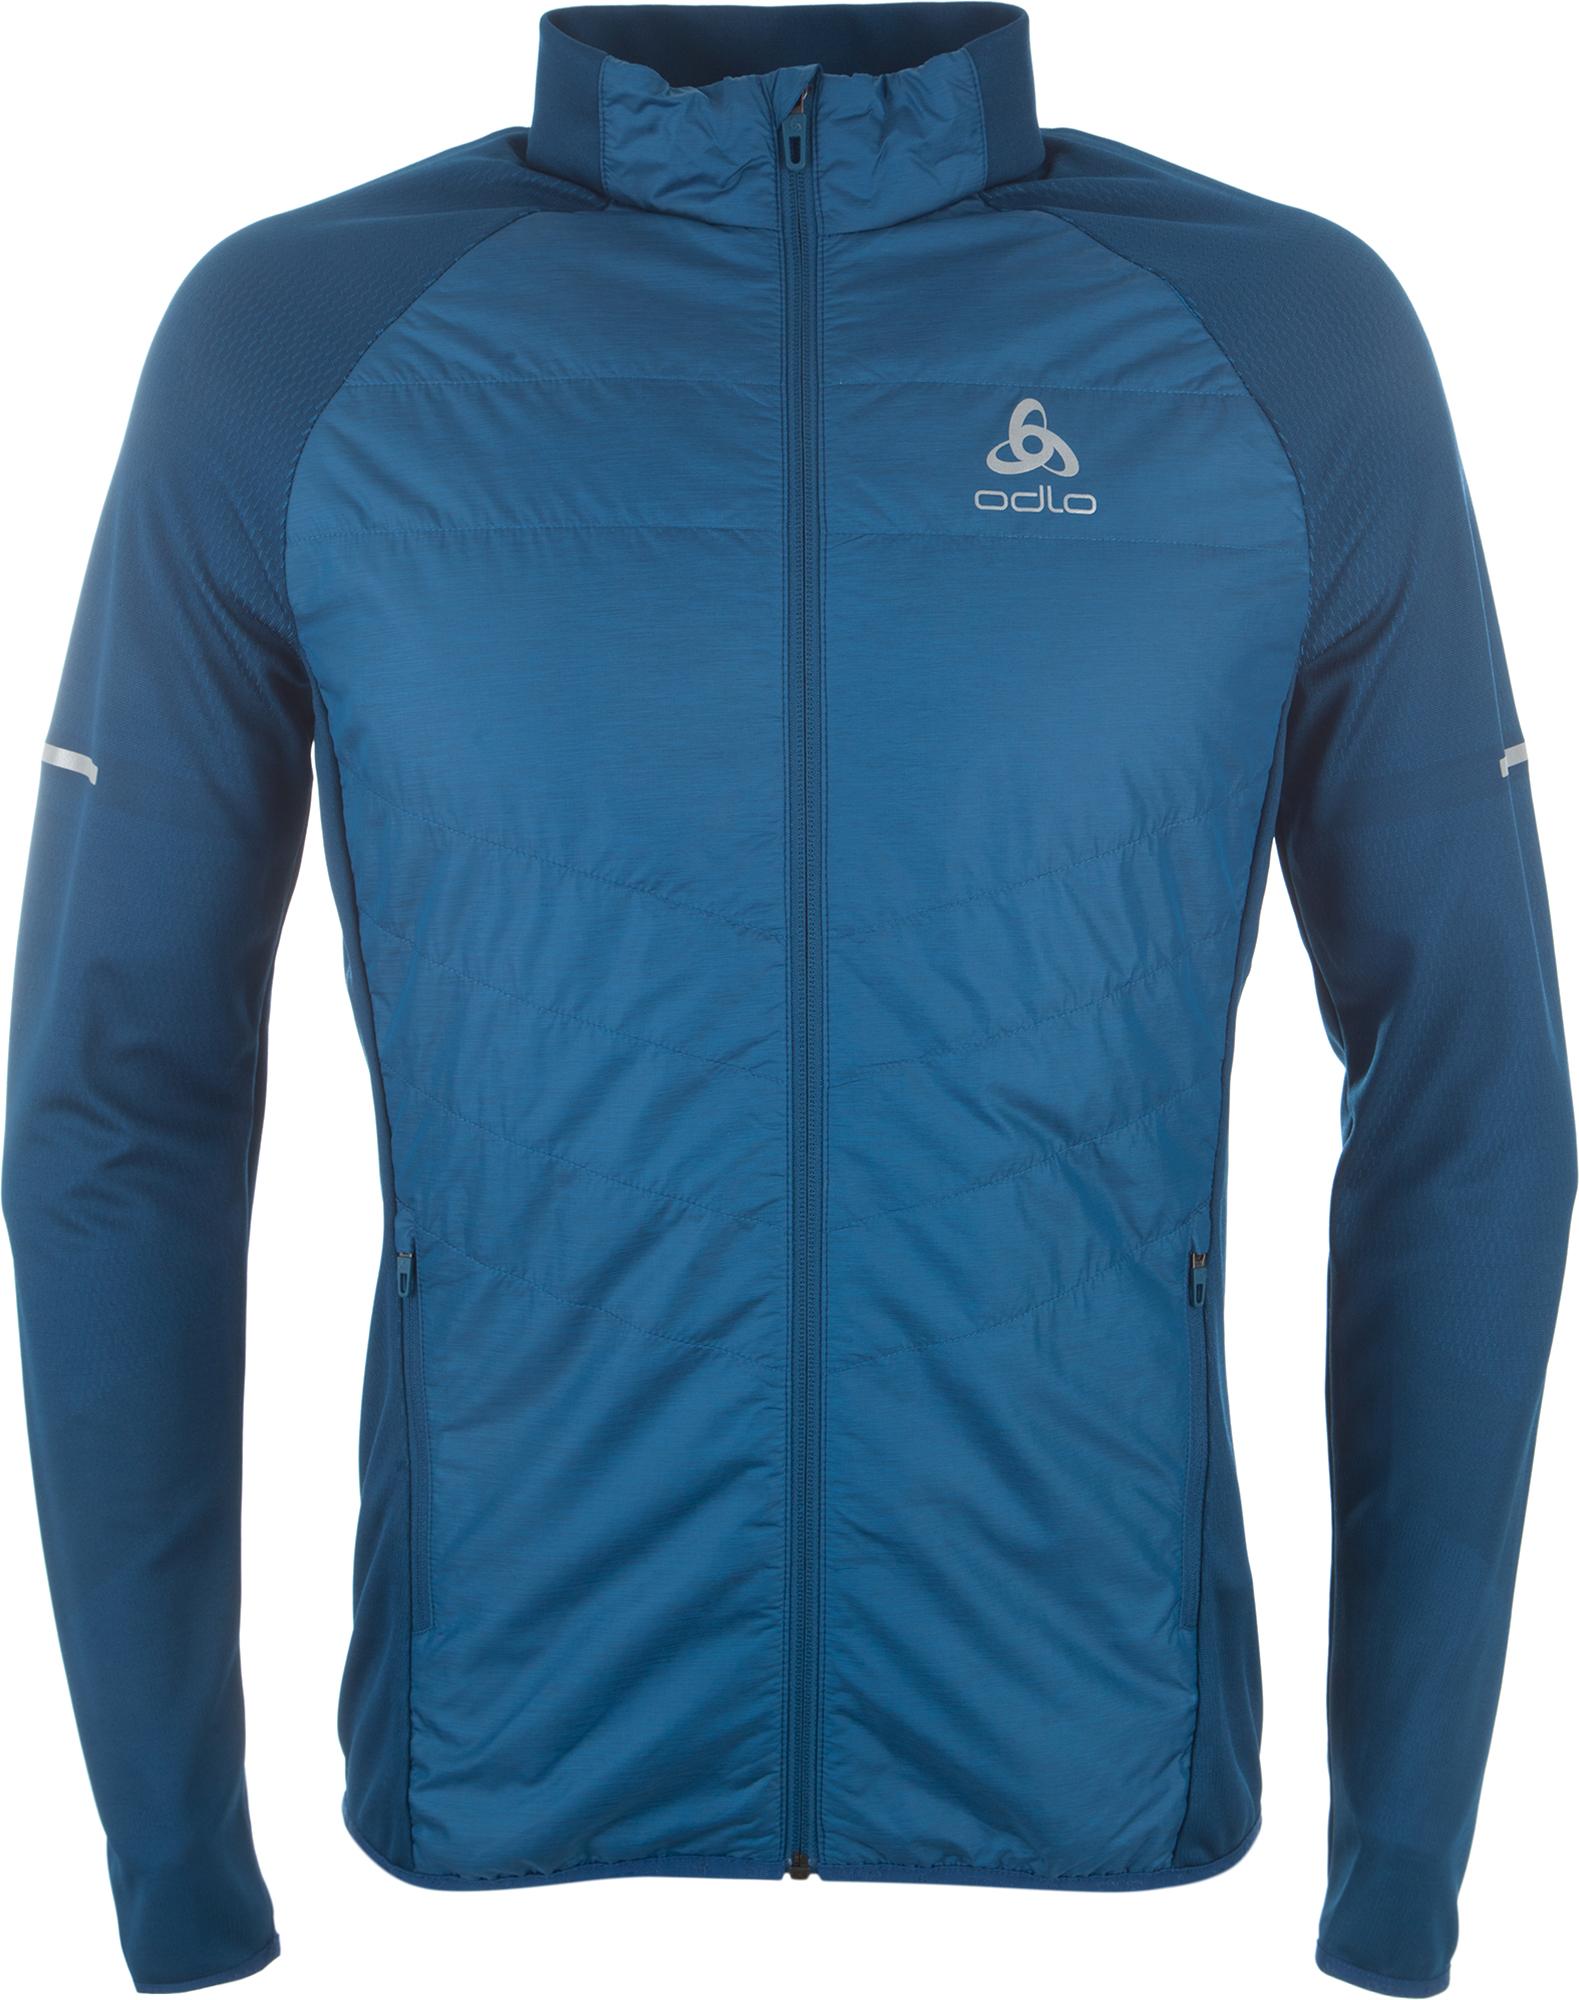 купить Odlo Куртка утепленная мужская Odlo Irbis Hybrid Seamless X-Warm, размер 52-54 по цене 7999 рублей